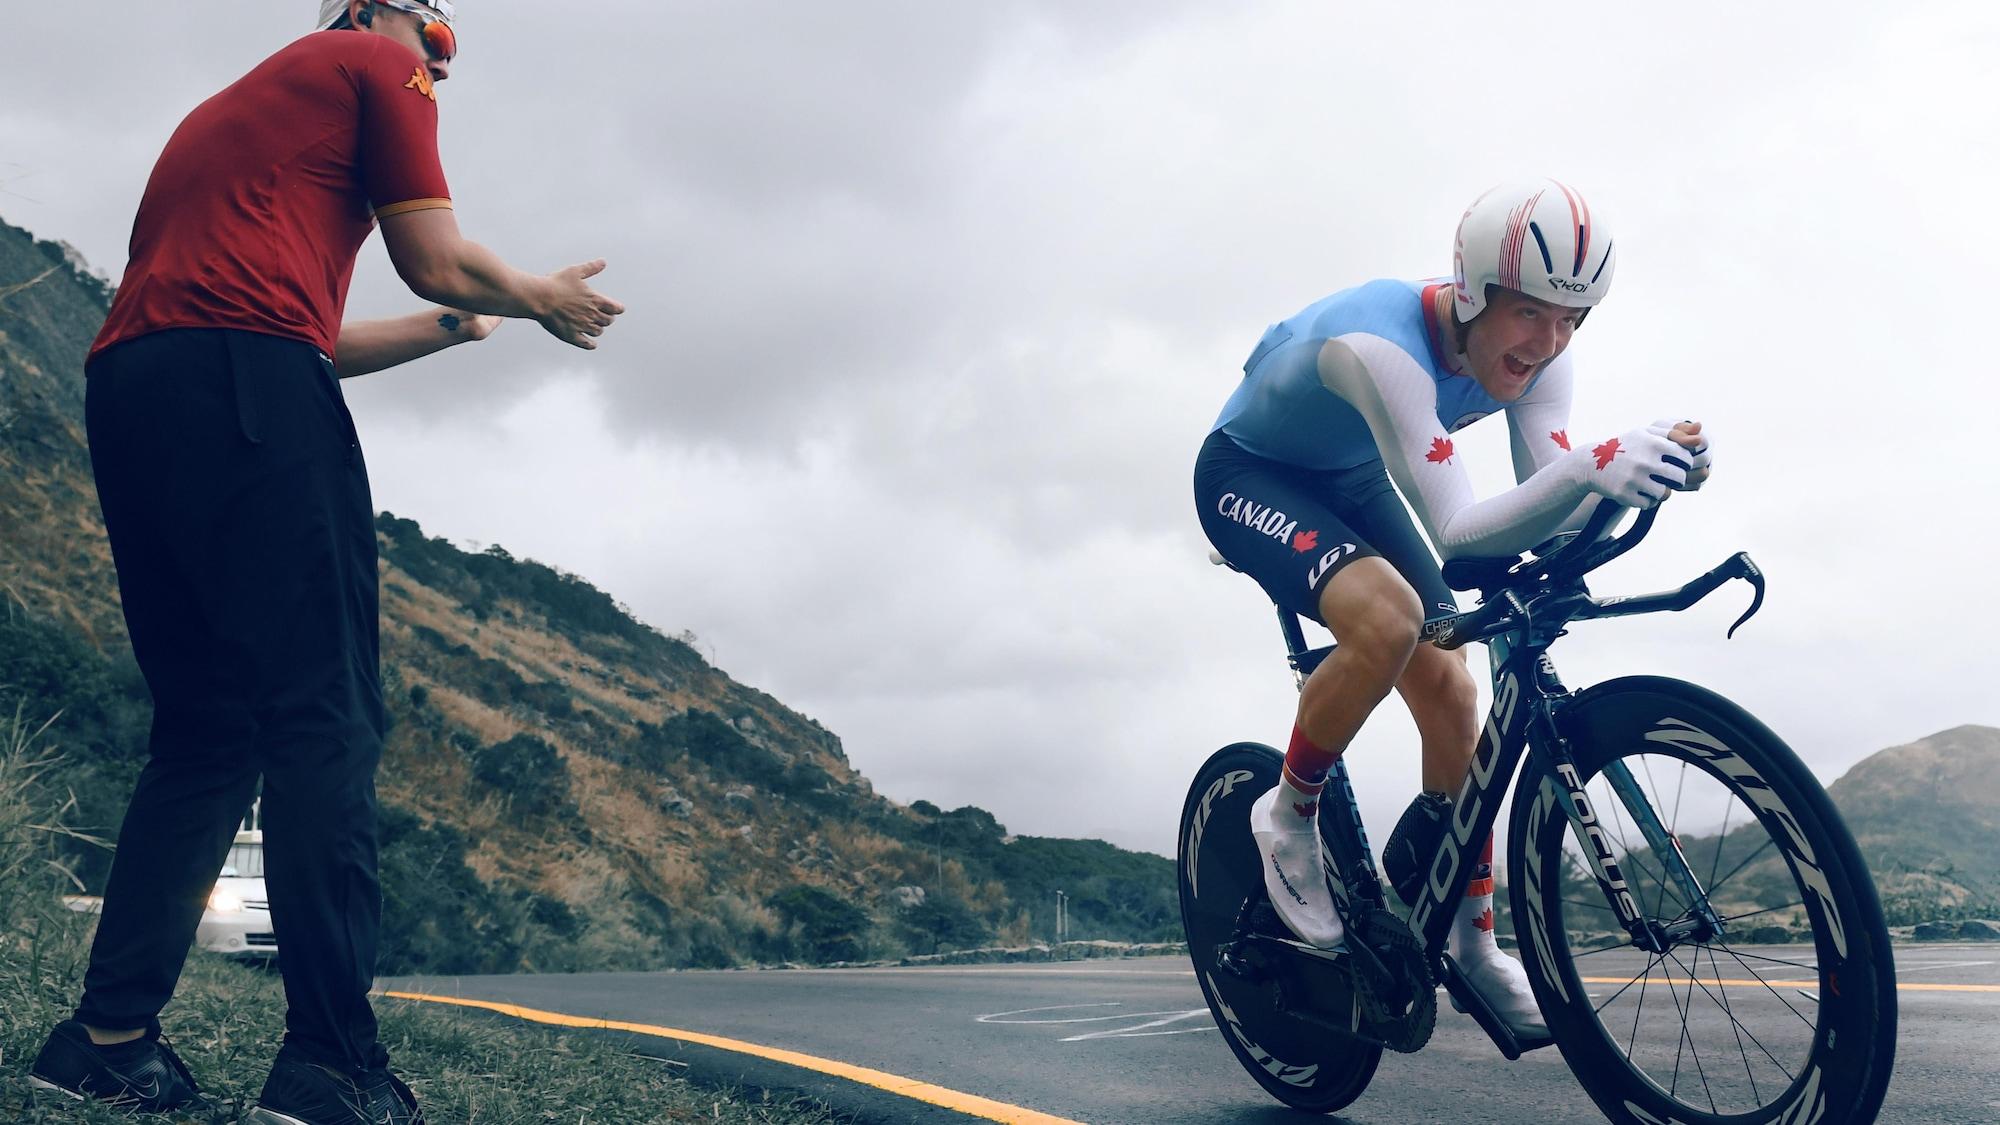 Un spectateur encourage le cycliste canadien Hugo Houle, qui passe tout près de lui.